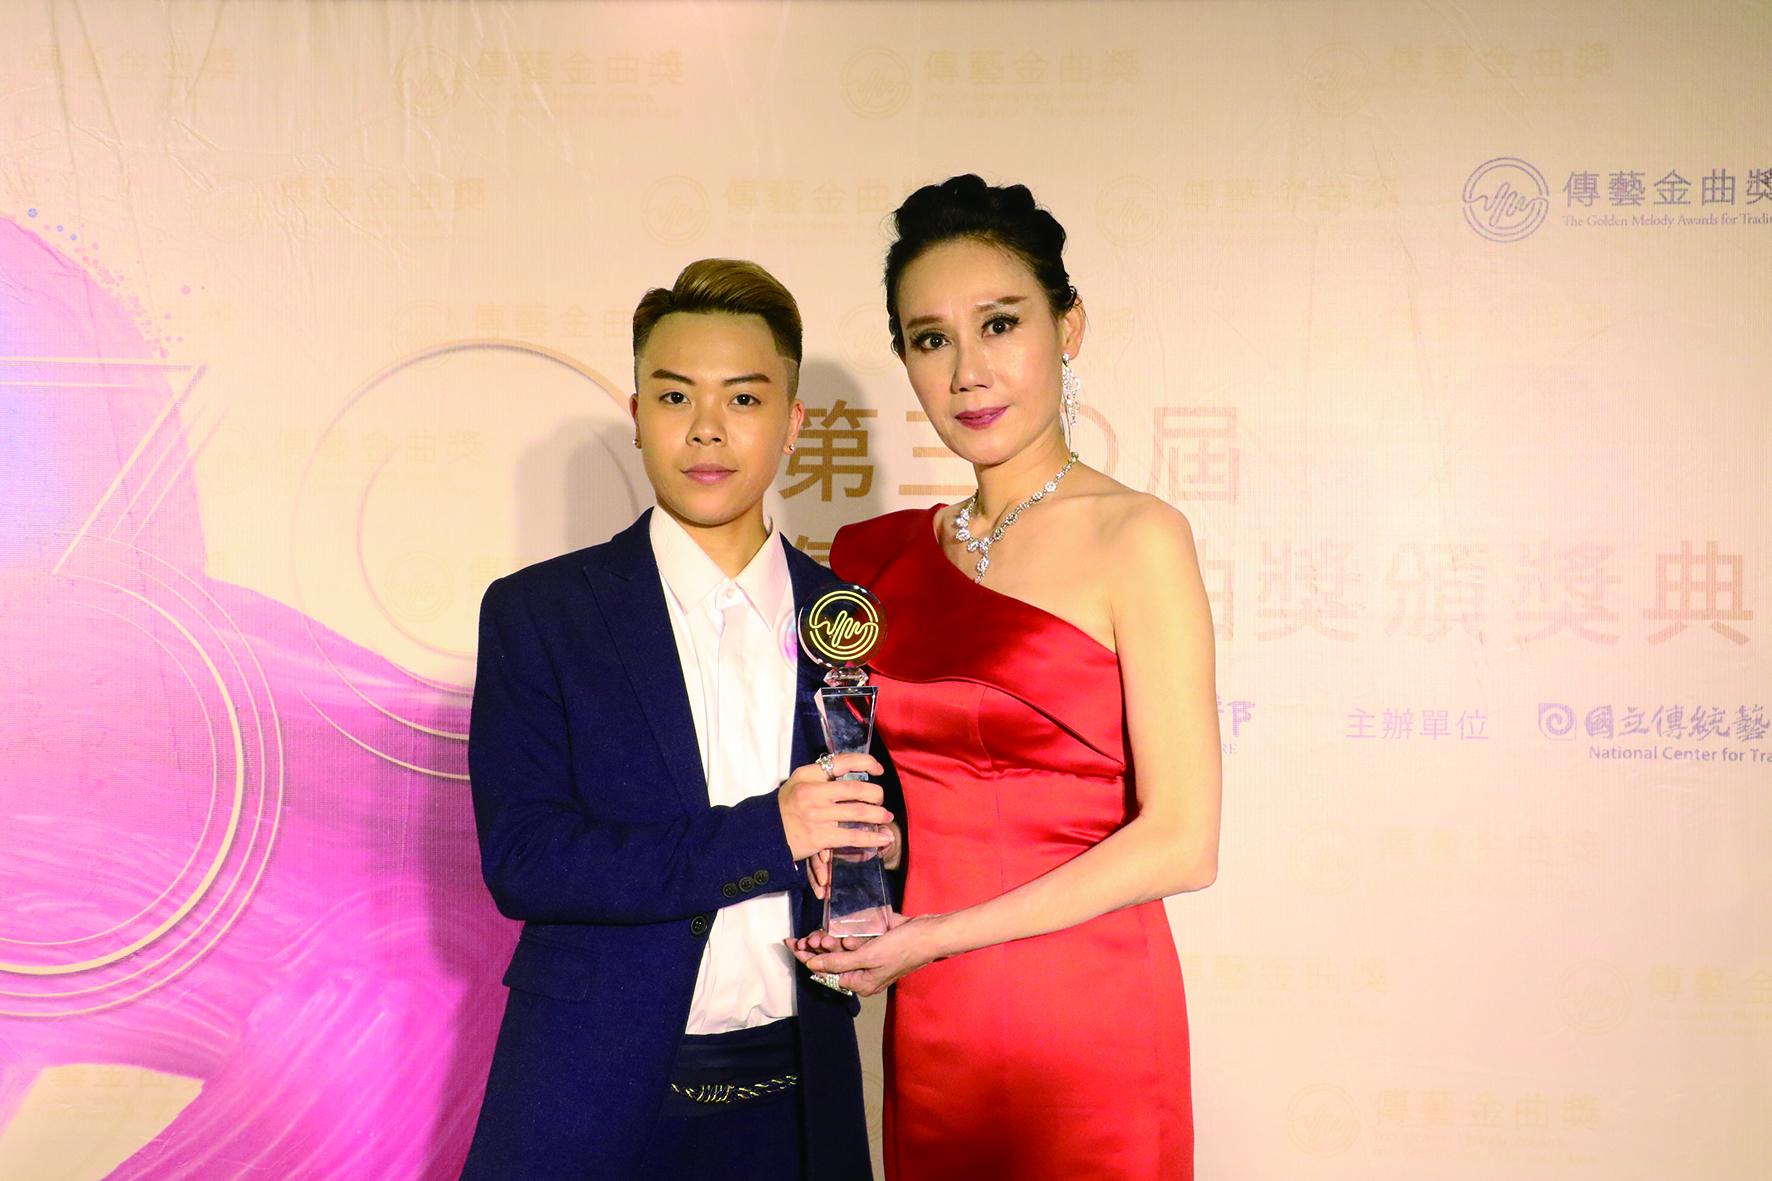 春美歌劇團母女檔孫凱琳(左)與母親也是知名小生郭春美合影。.JPG